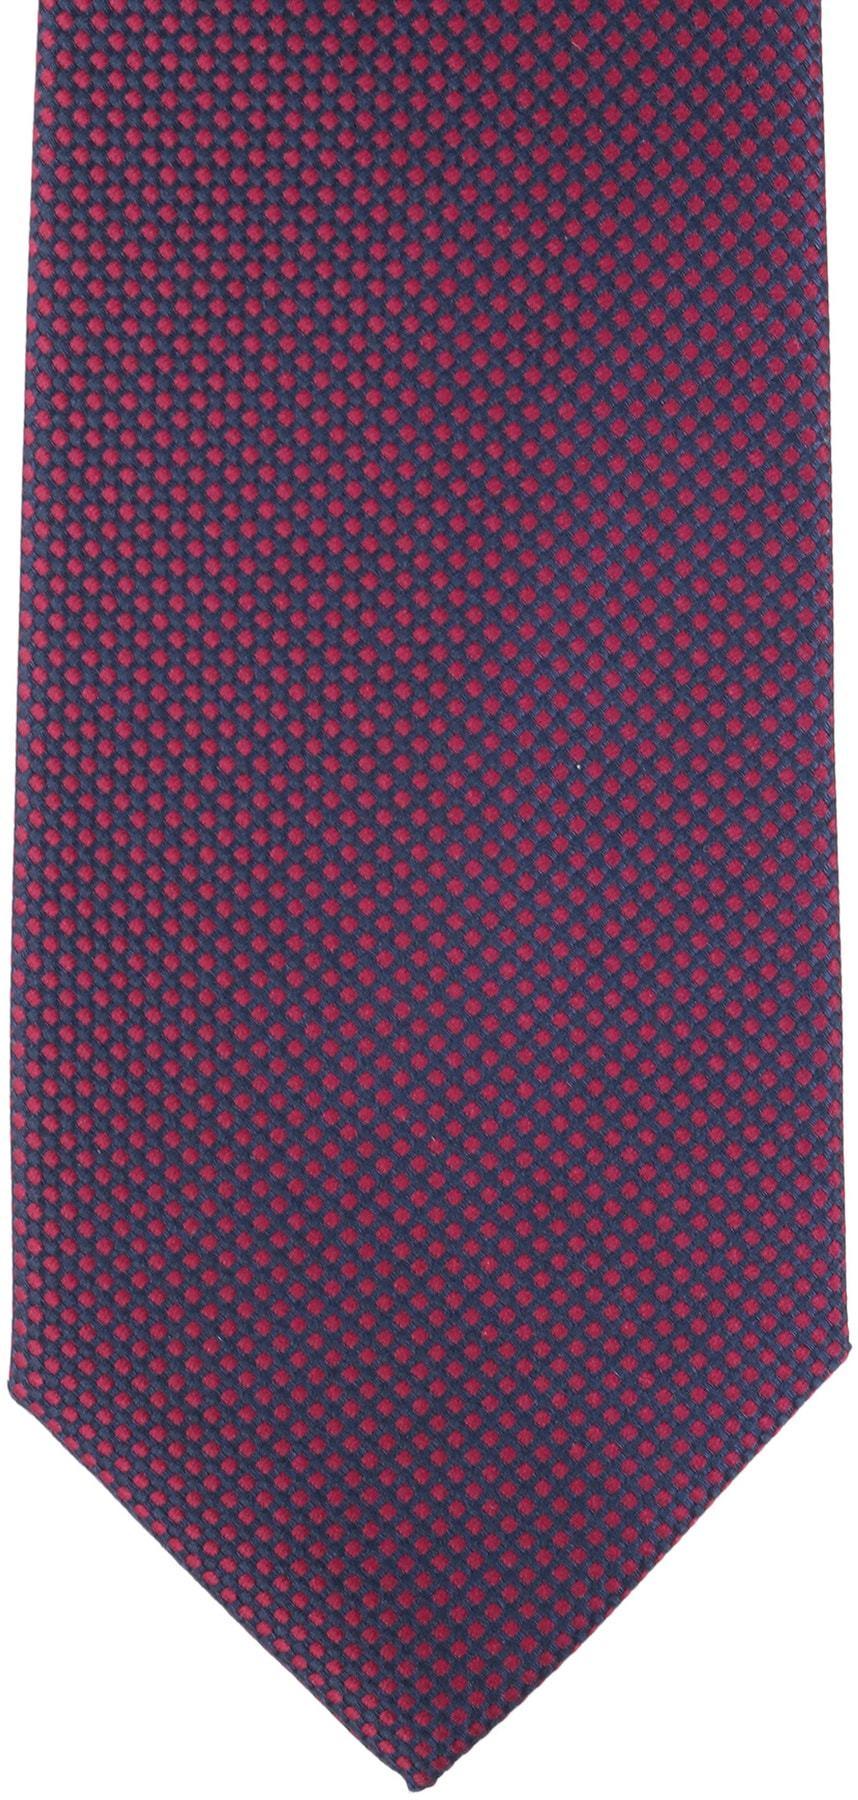 Krawatte Seide Karo Bordeaux 9-17 foto 1